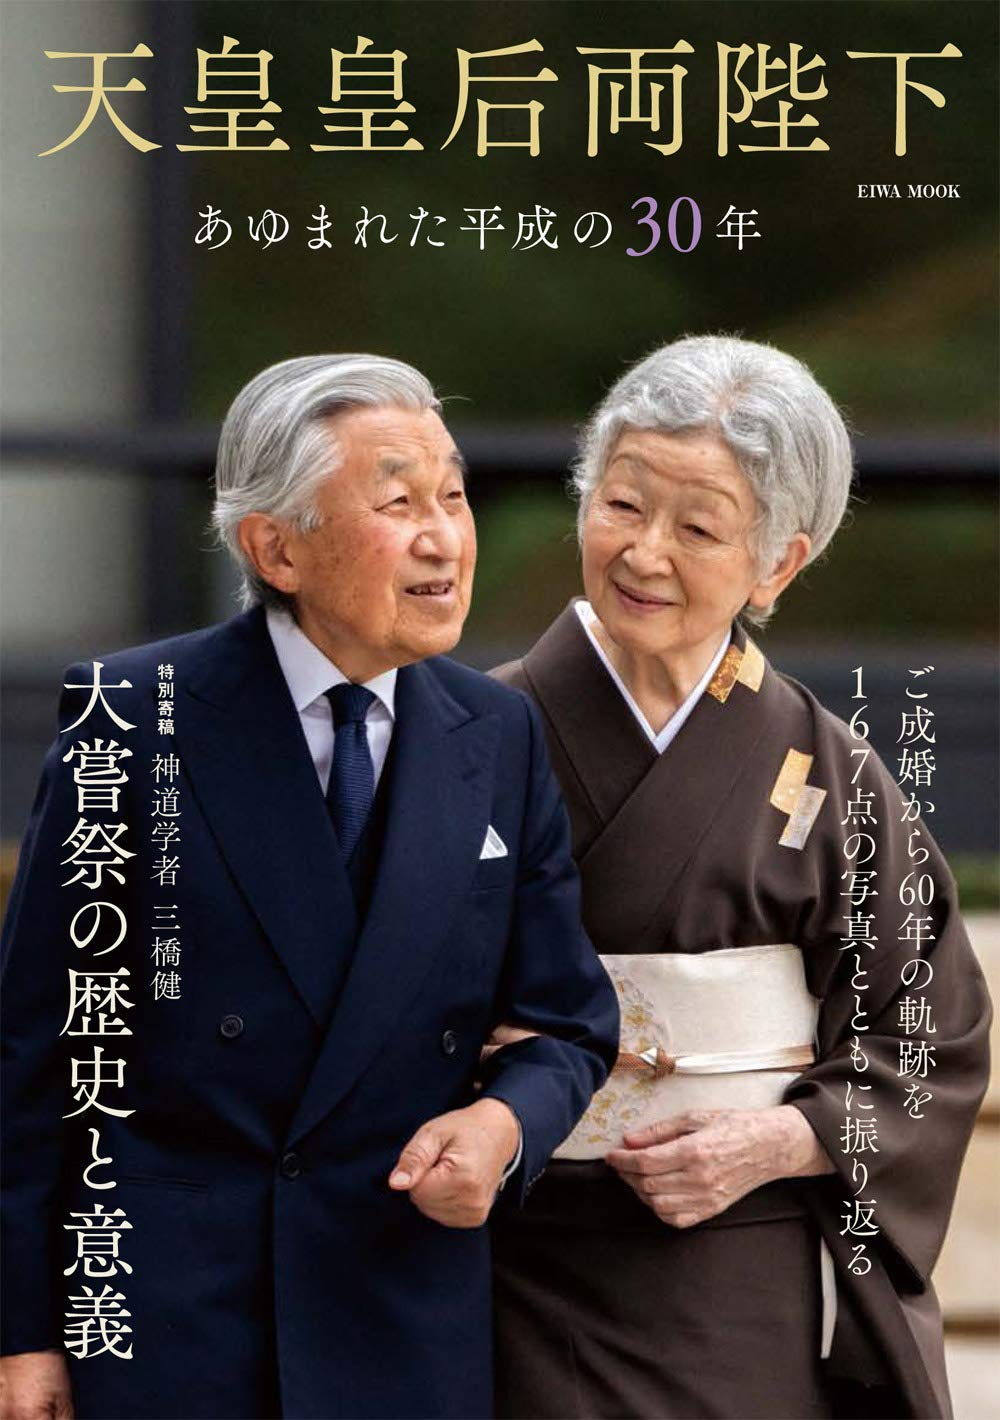 両 天皇 陛下 皇后